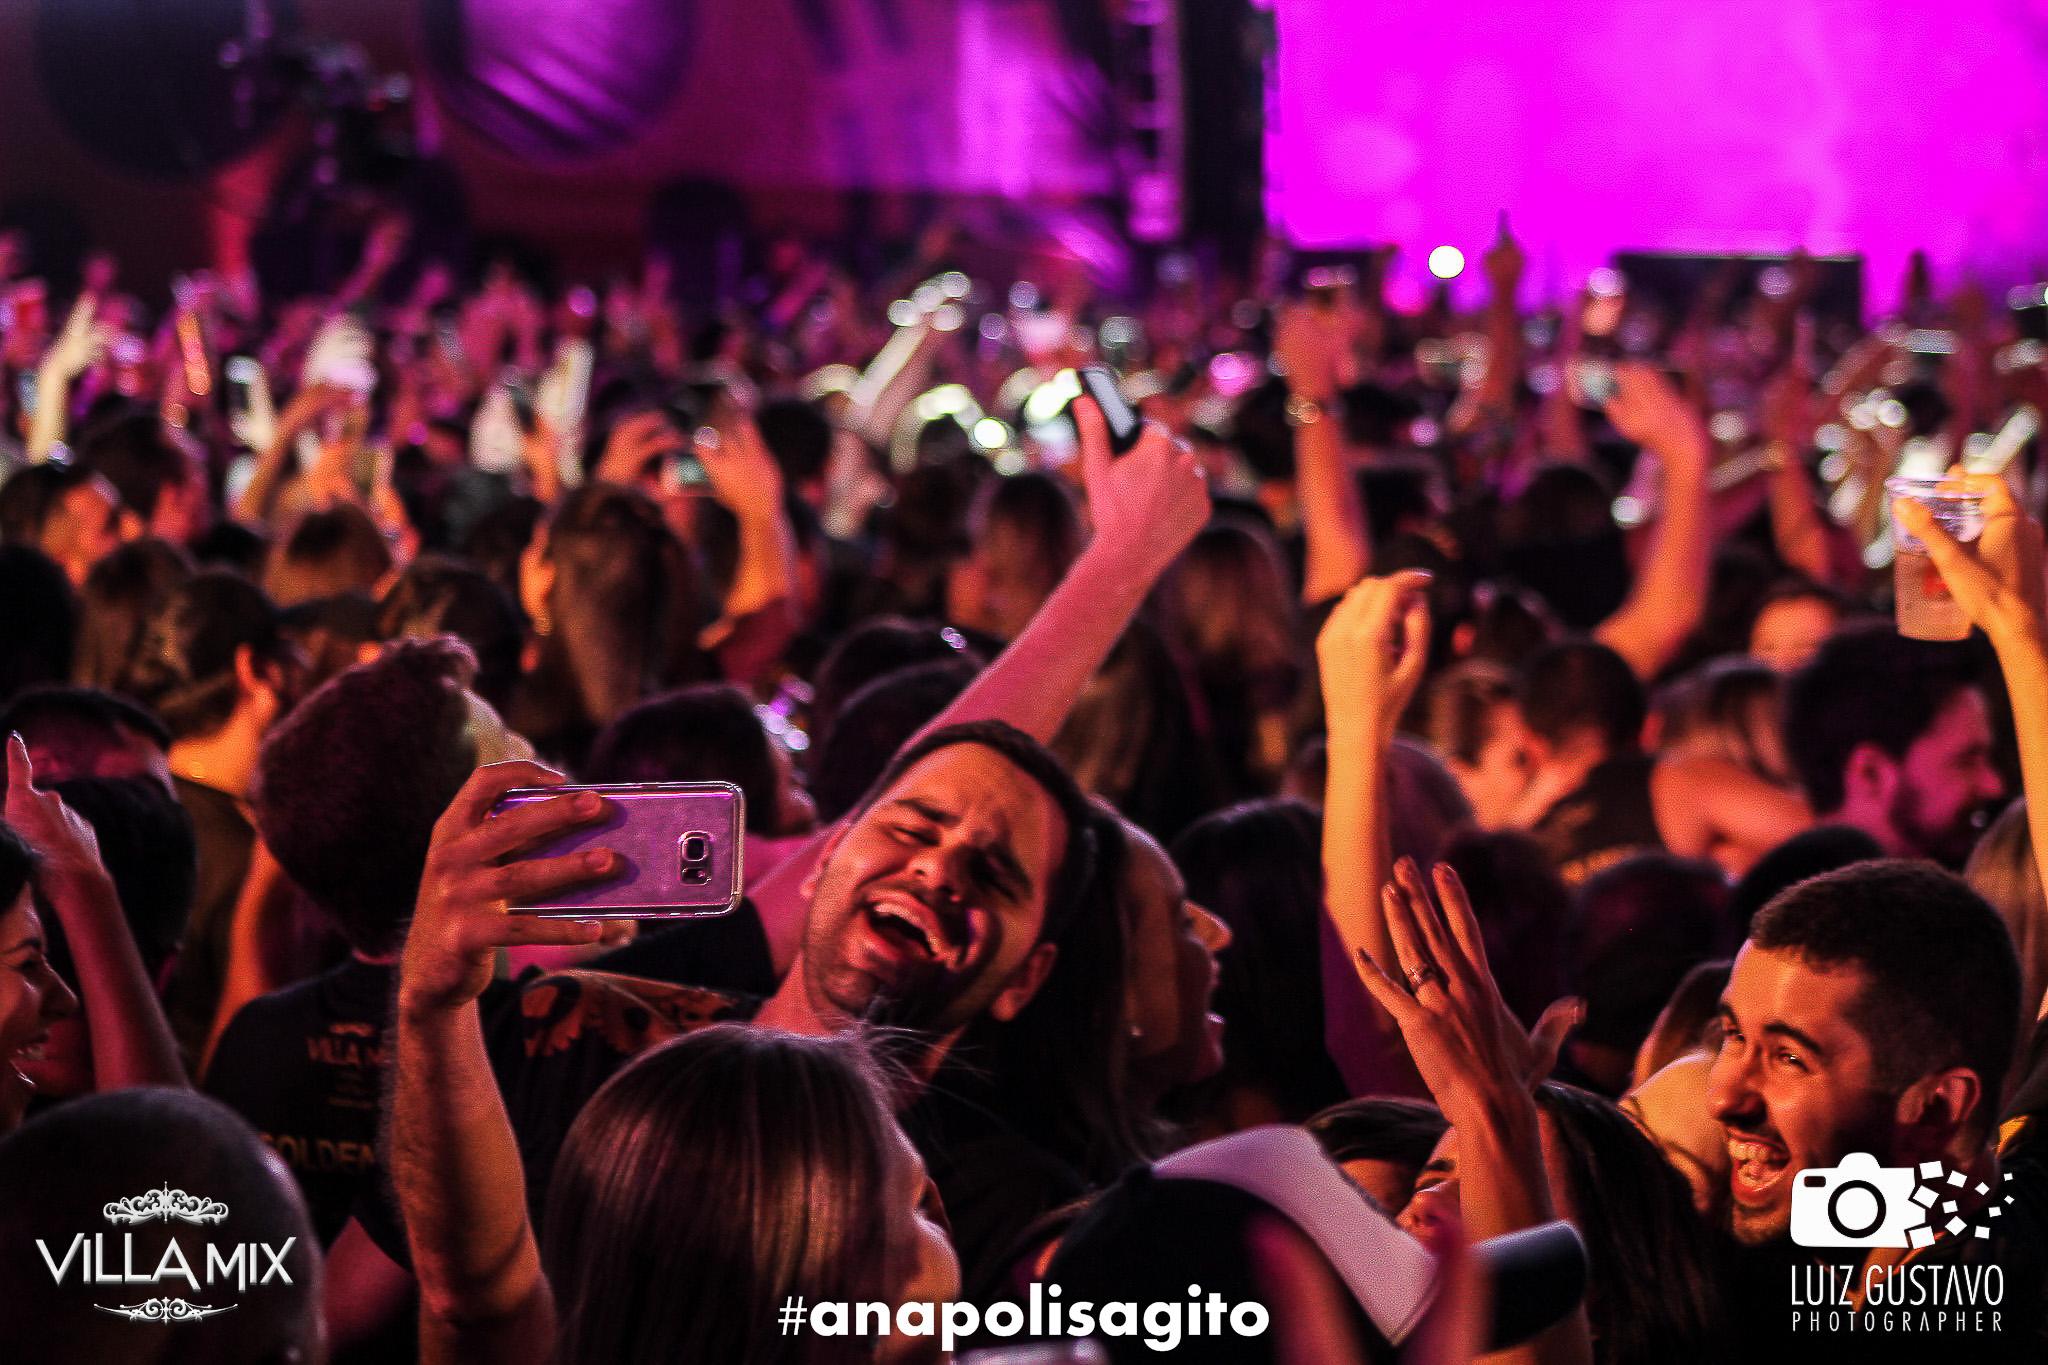 Luiz Gustavo Photographer (126 de 327)